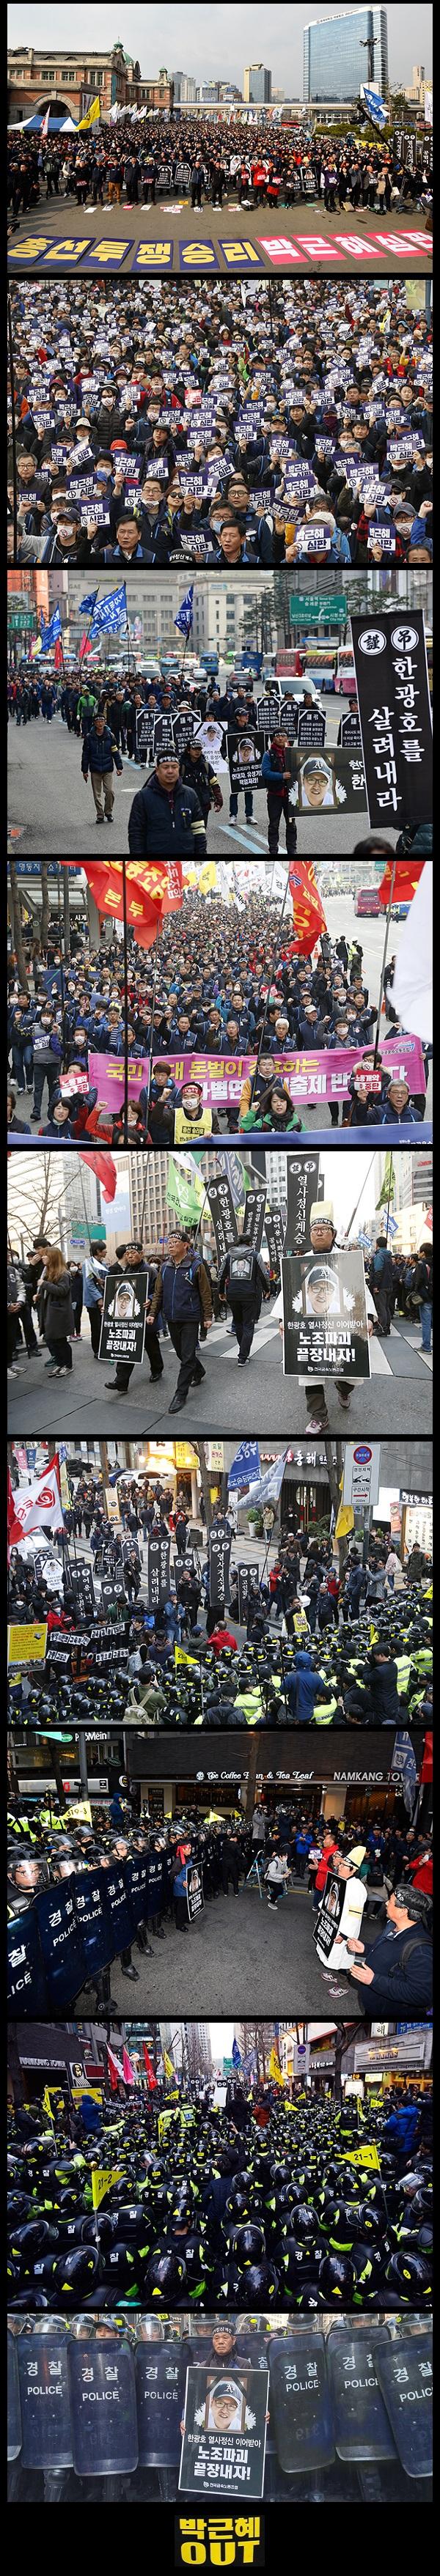 Güney Kore: İşçi Sendikaları Konfedarasyonu Hükümet Karşıtı Protesto Düzenledi